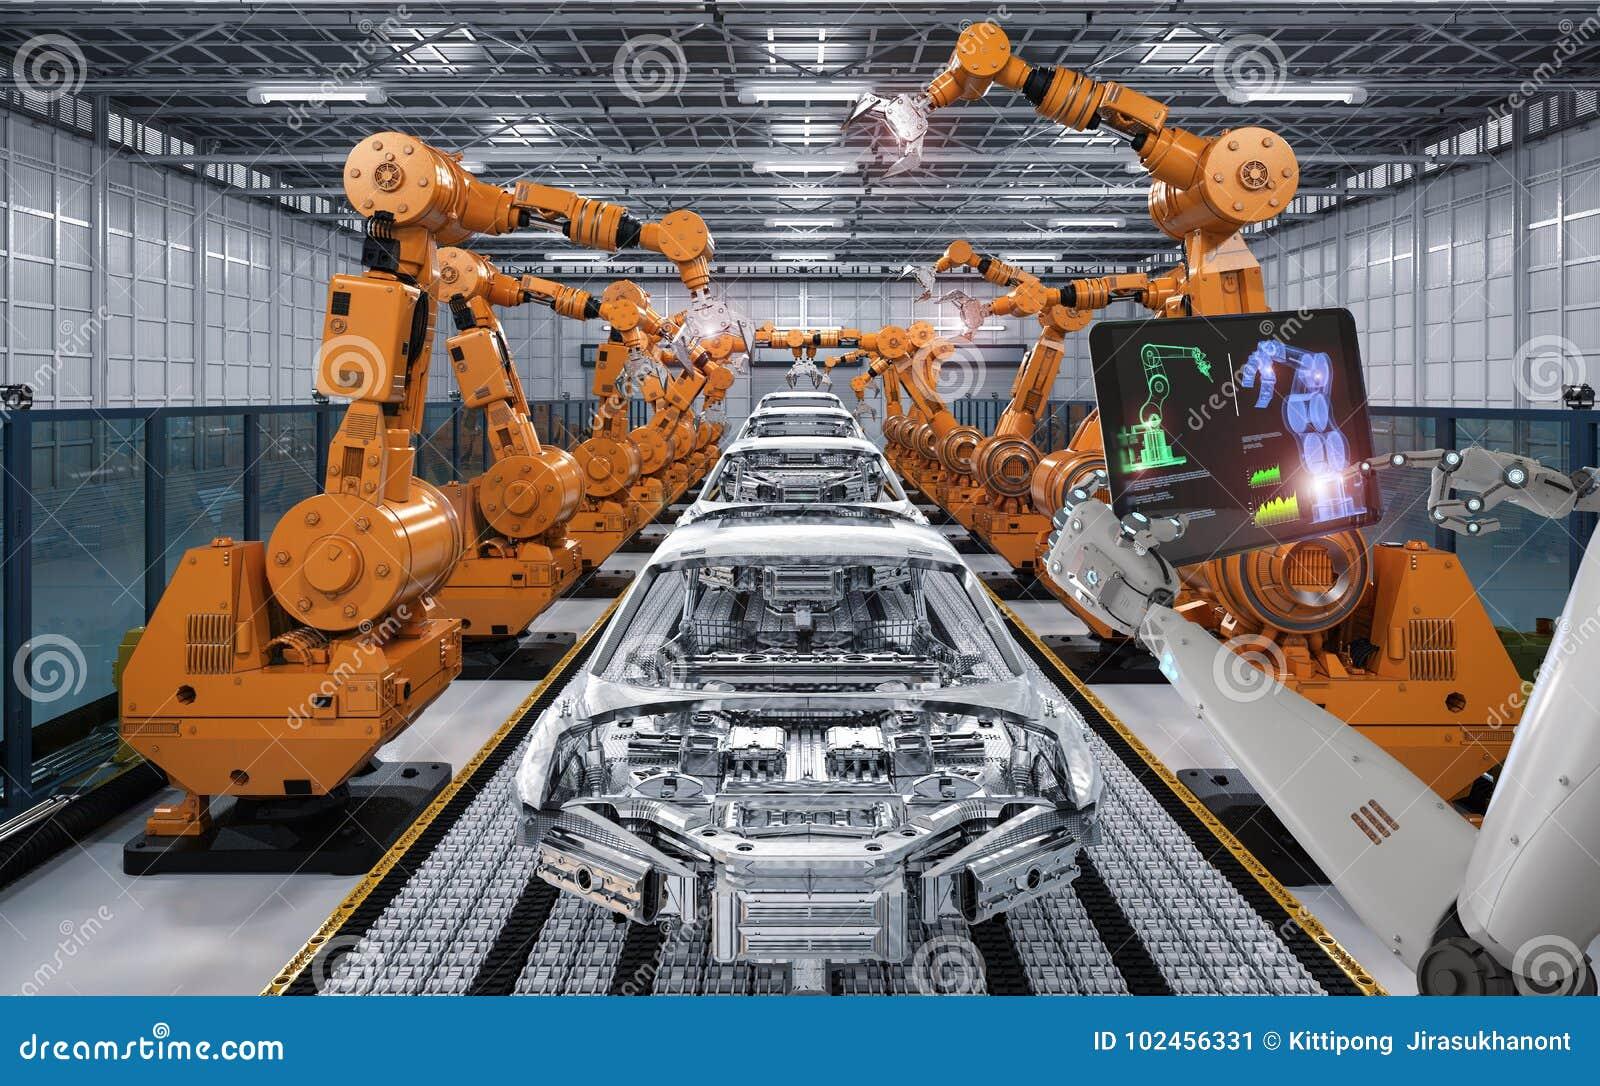 Робот конвейер для машин купить радиатор фольксваген транспортер